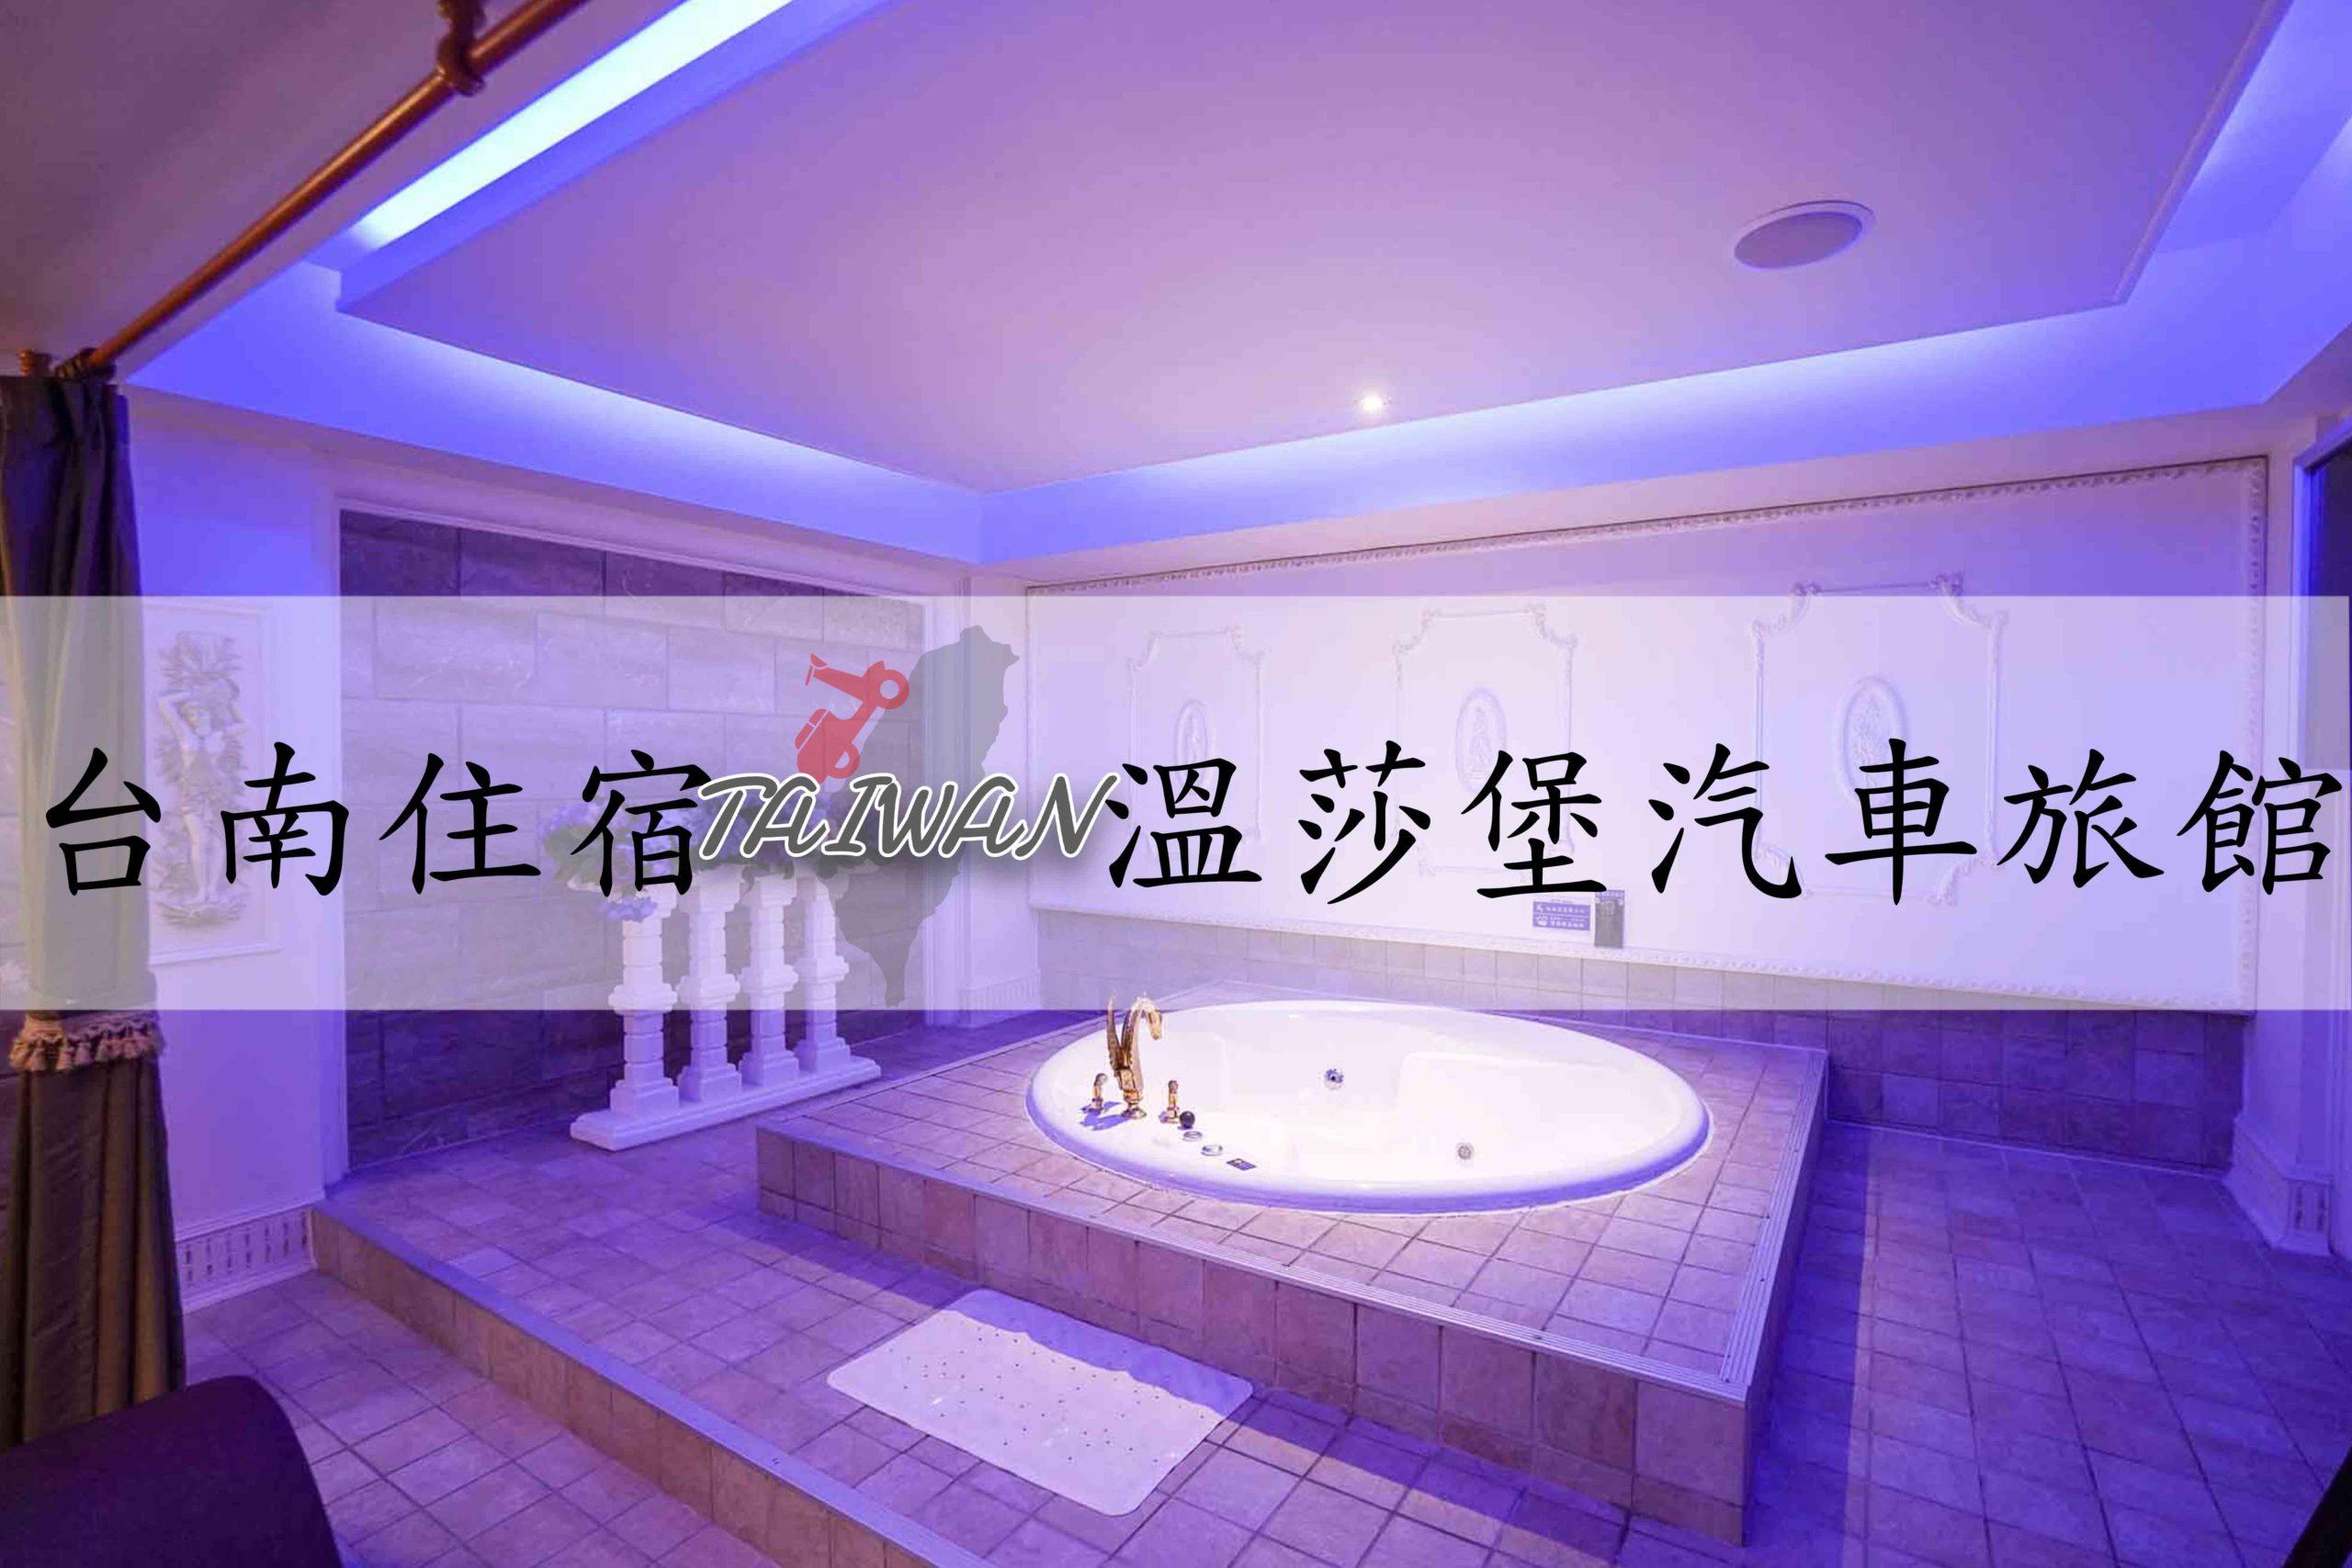 『台南市汽車旅館推薦』適合情侶的浪漫破表平價住宿|溫莎堡汽車旅館-仁德館